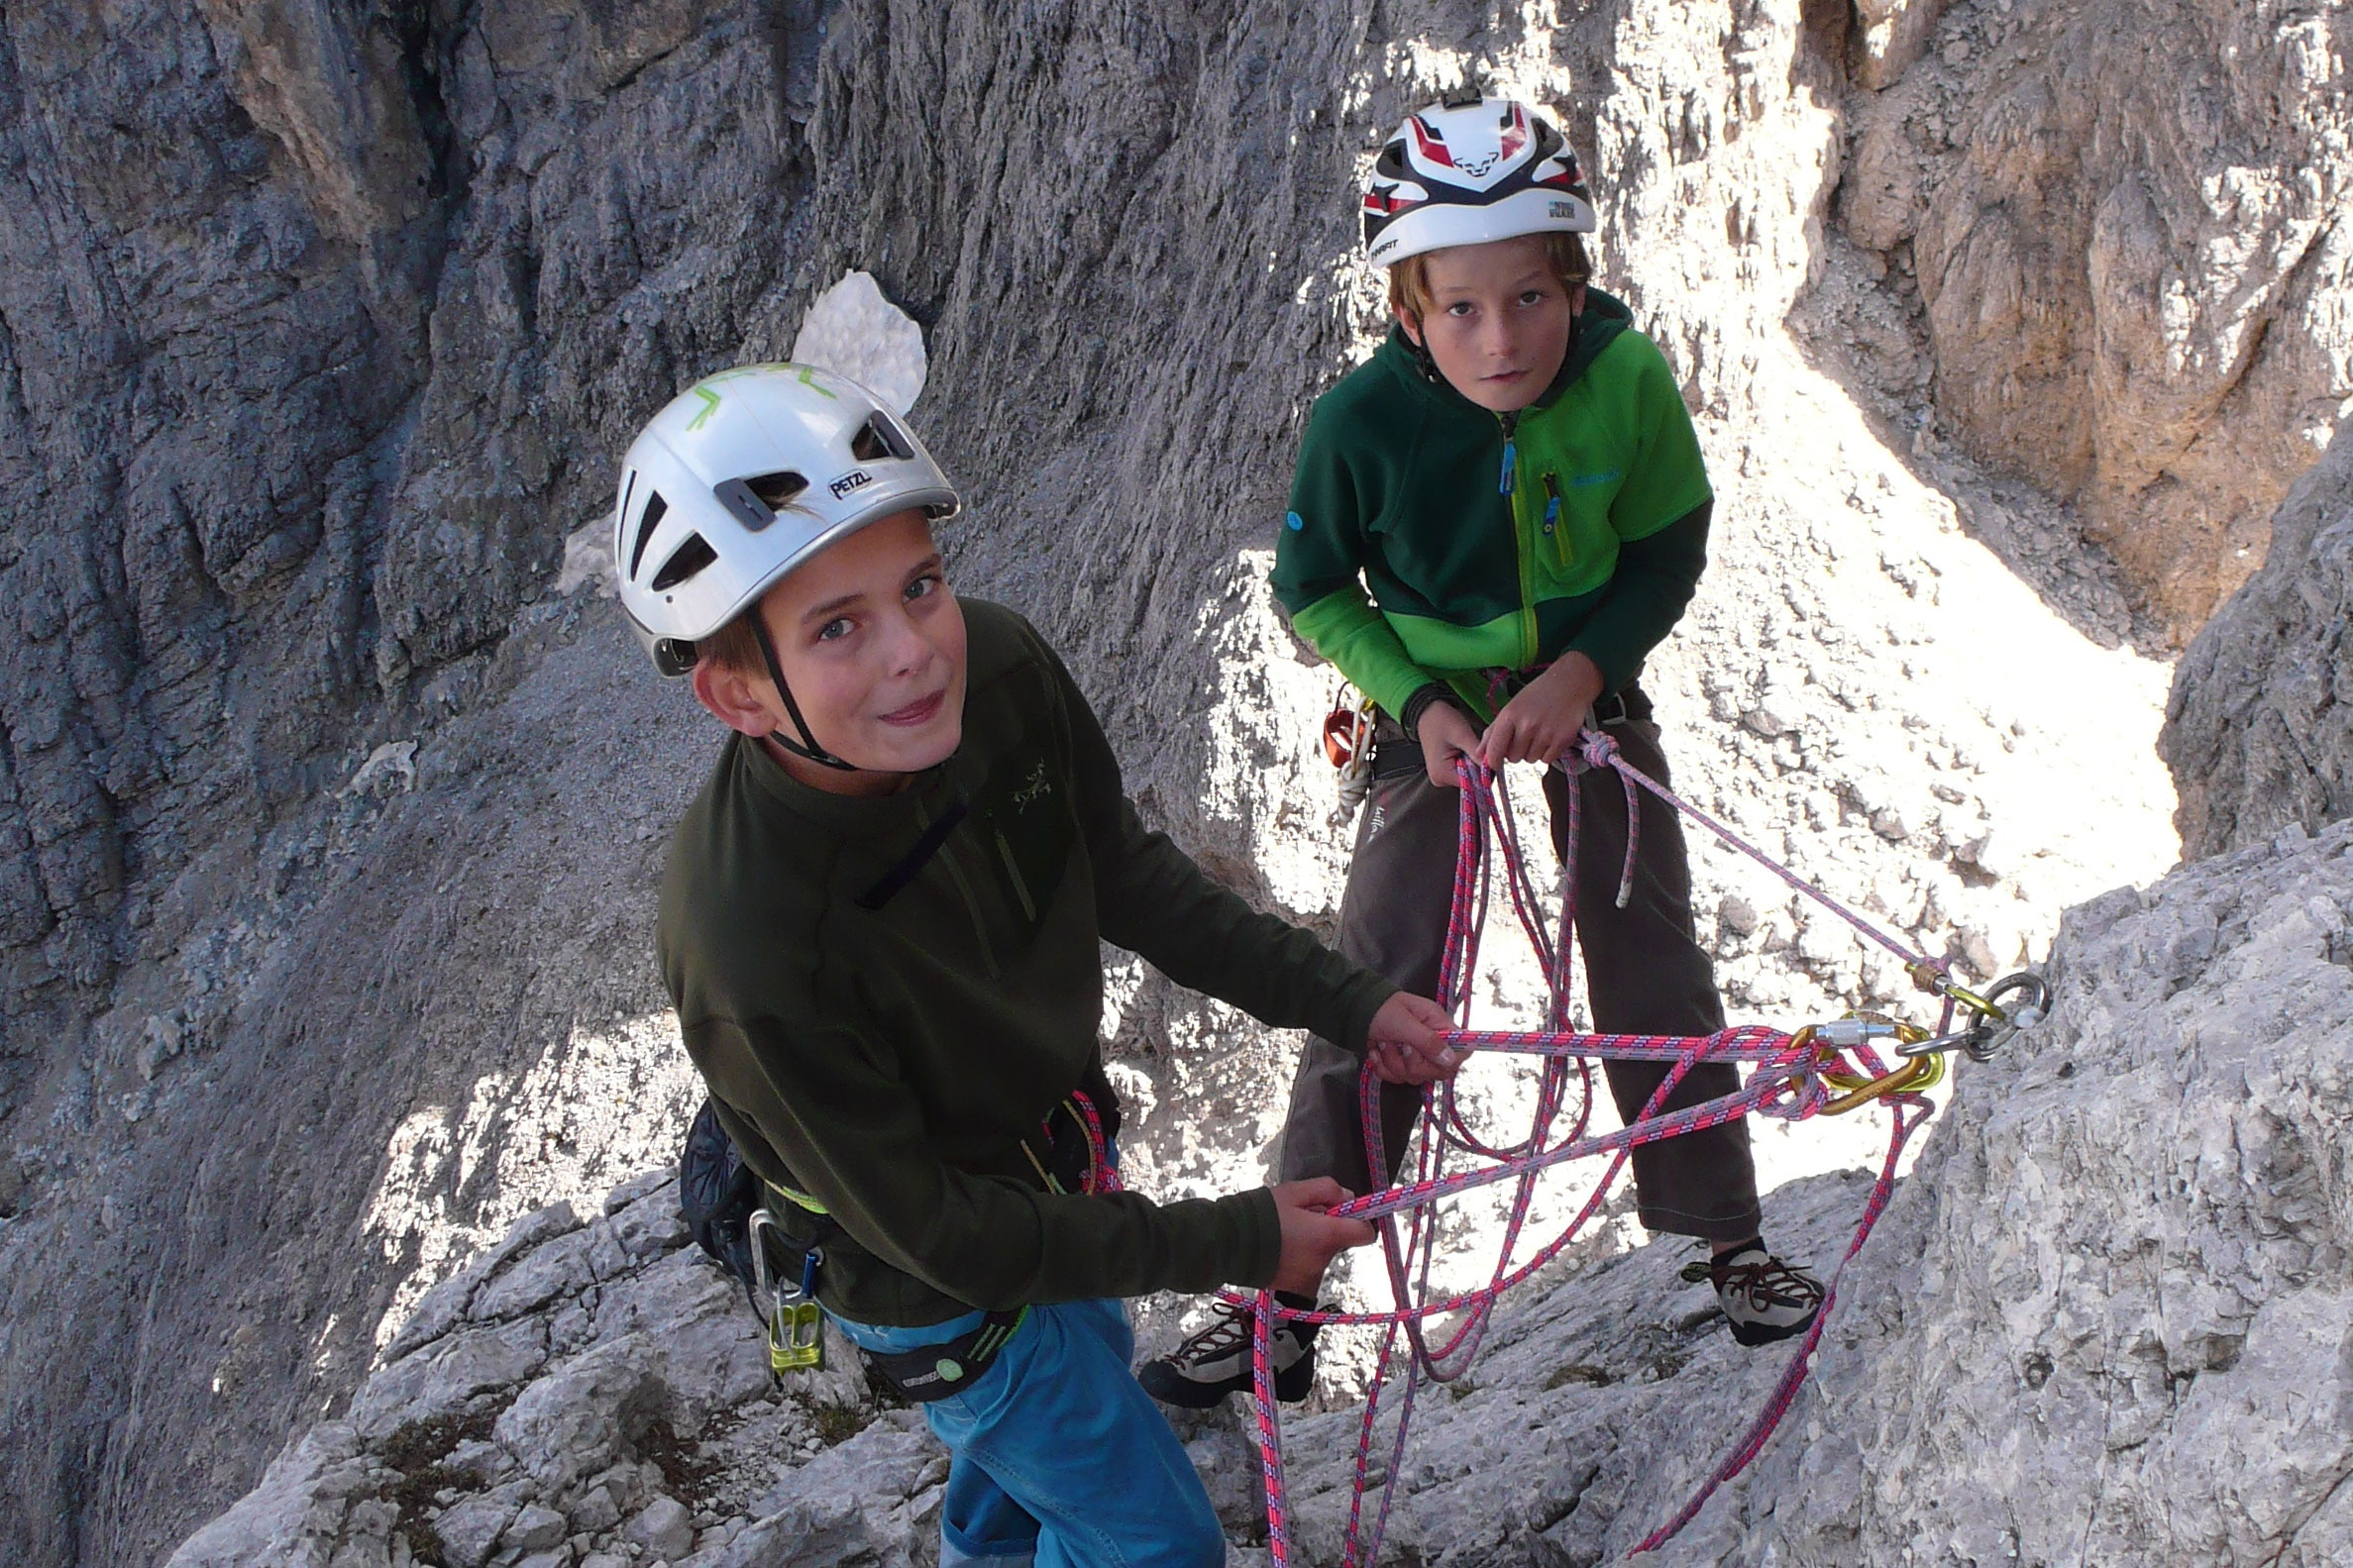 Klettergurt Für Kinder : Klettern mit kindern ausrüstungstipps bergwelten